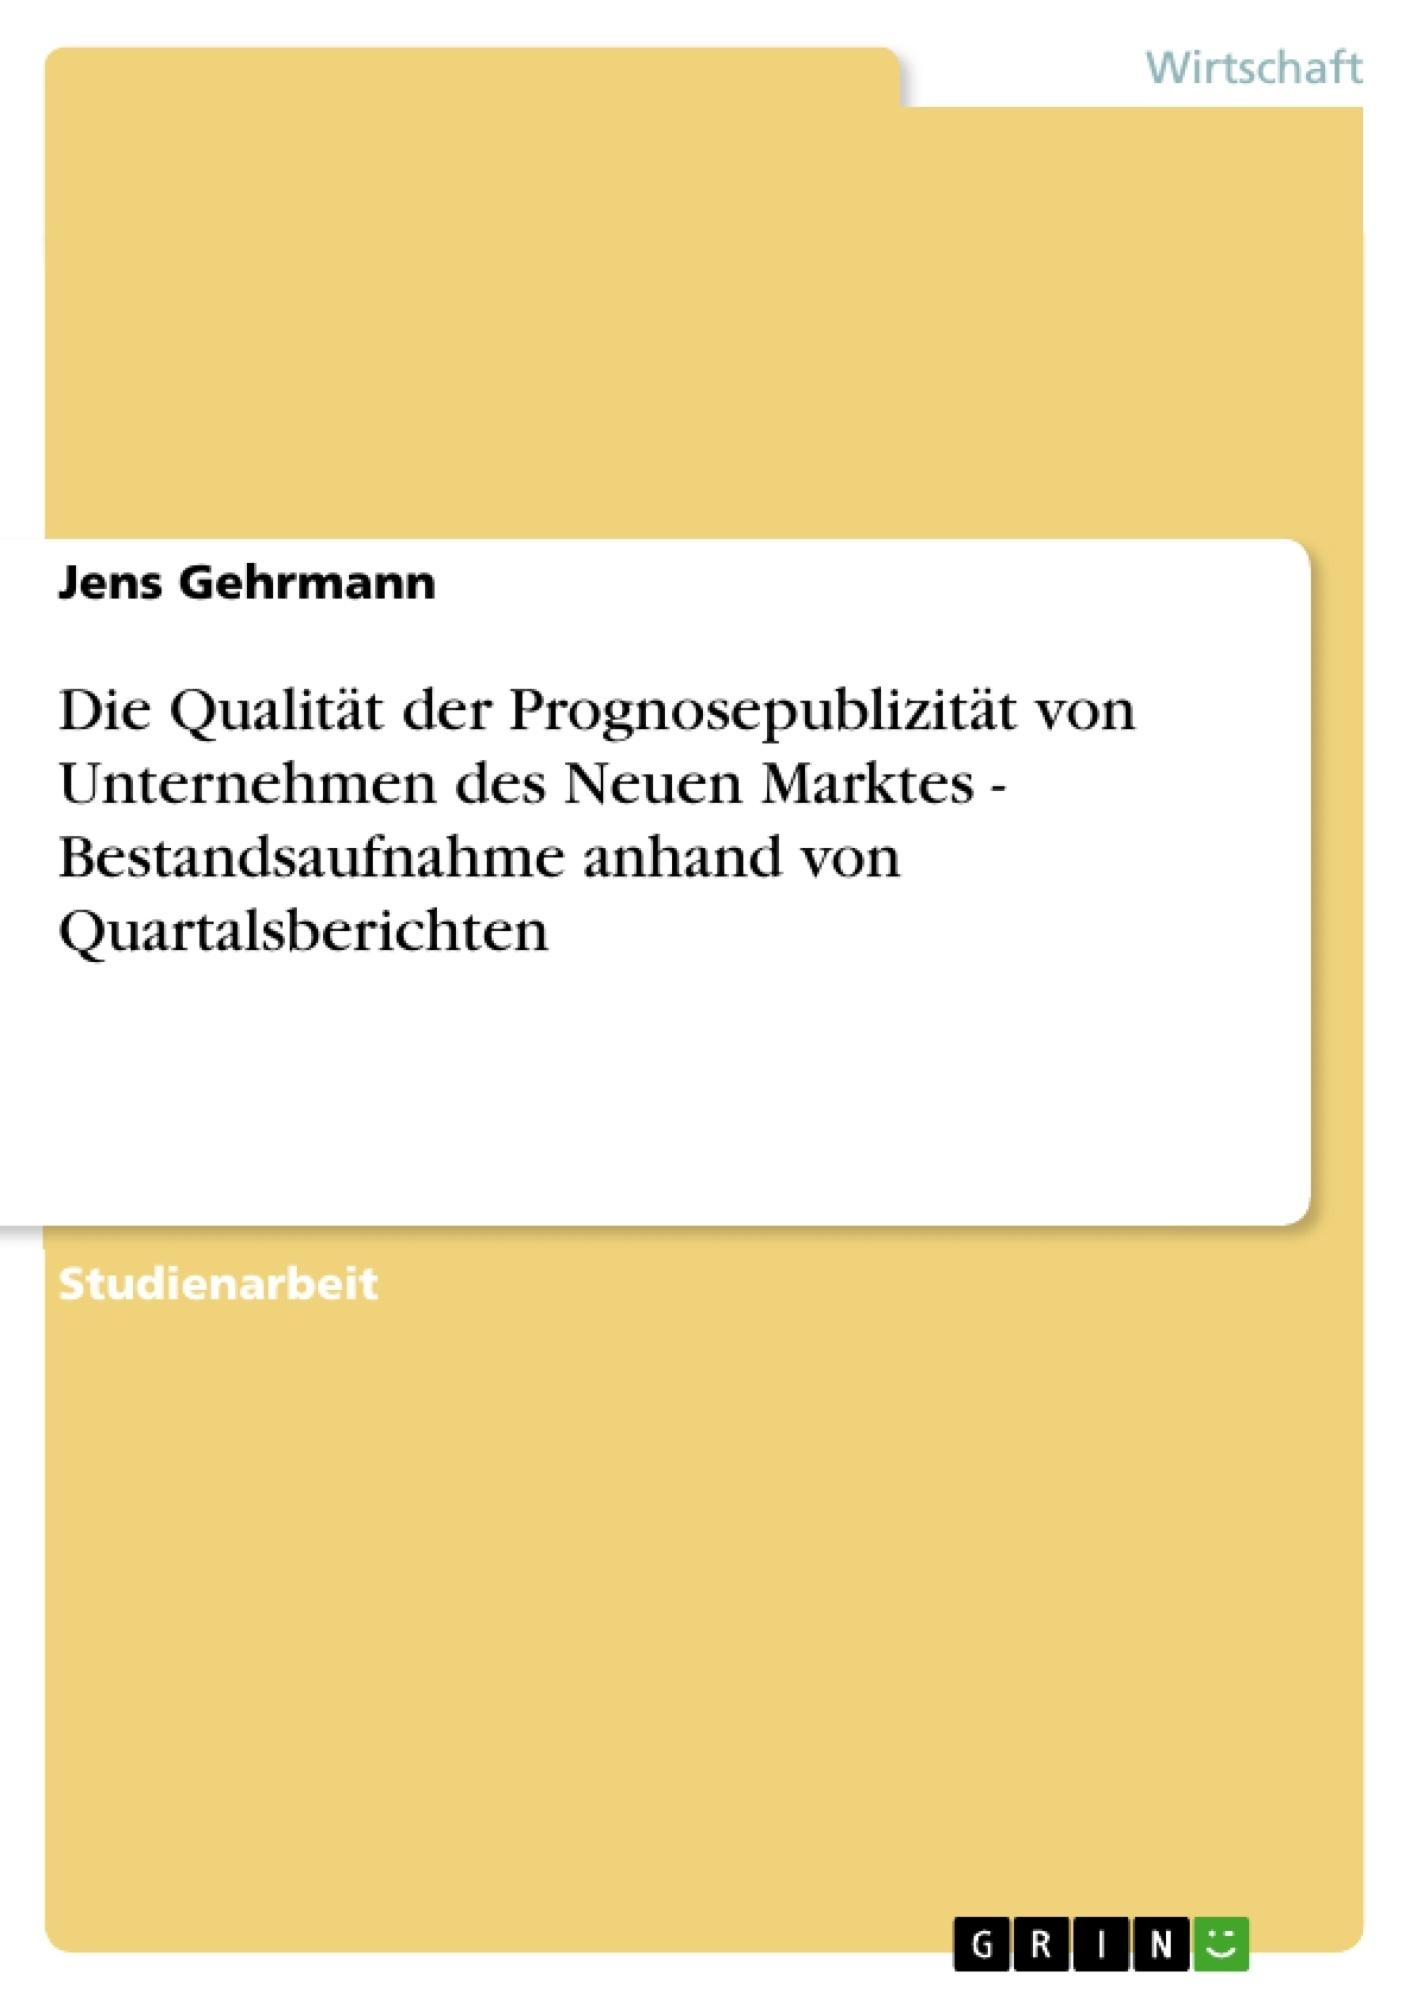 Titel: Die Qualität der Prognosepublizität von Unternehmen des Neuen Marktes - Bestandsaufnahme anhand von Quartalsberichten